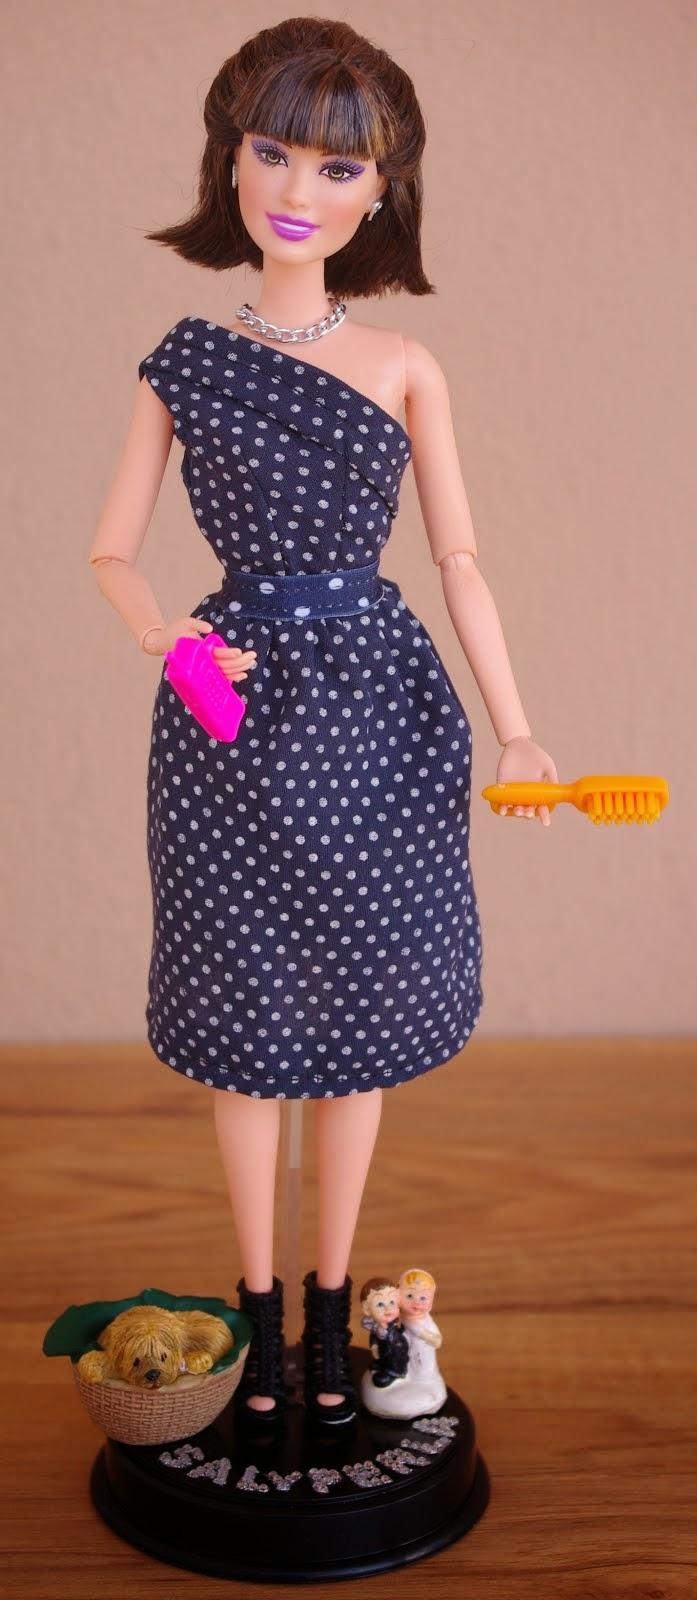 Barbie Salyperla